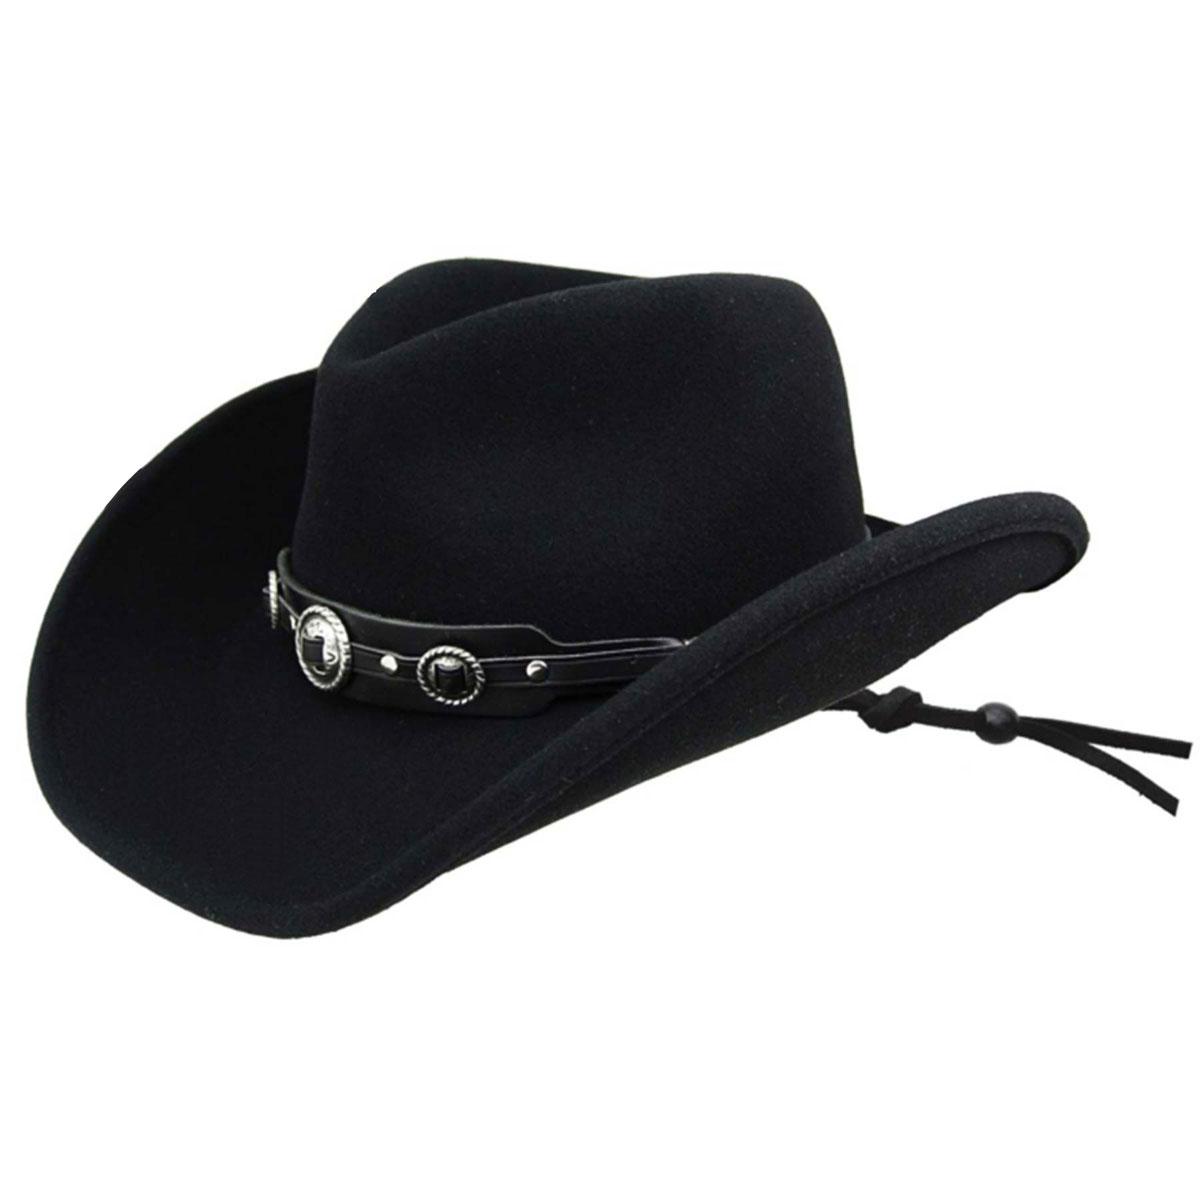 Steampunk Men's Hats Ace Hat $65.00 AT vintagedancer.com